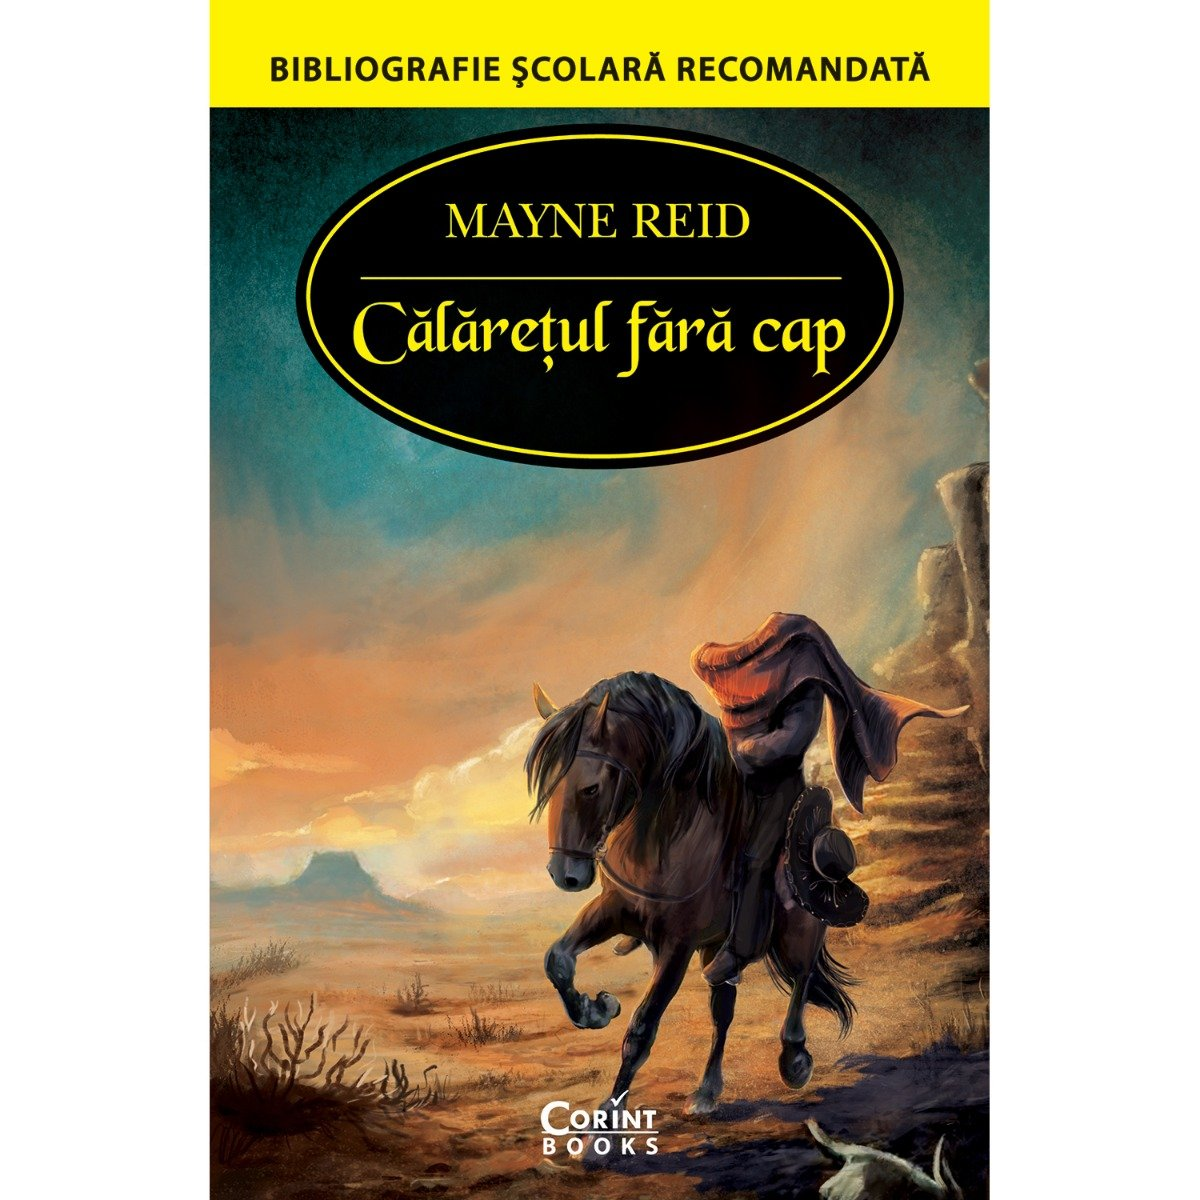 Carte Editura Corint, Calaretul fara cap, Mayne Reid